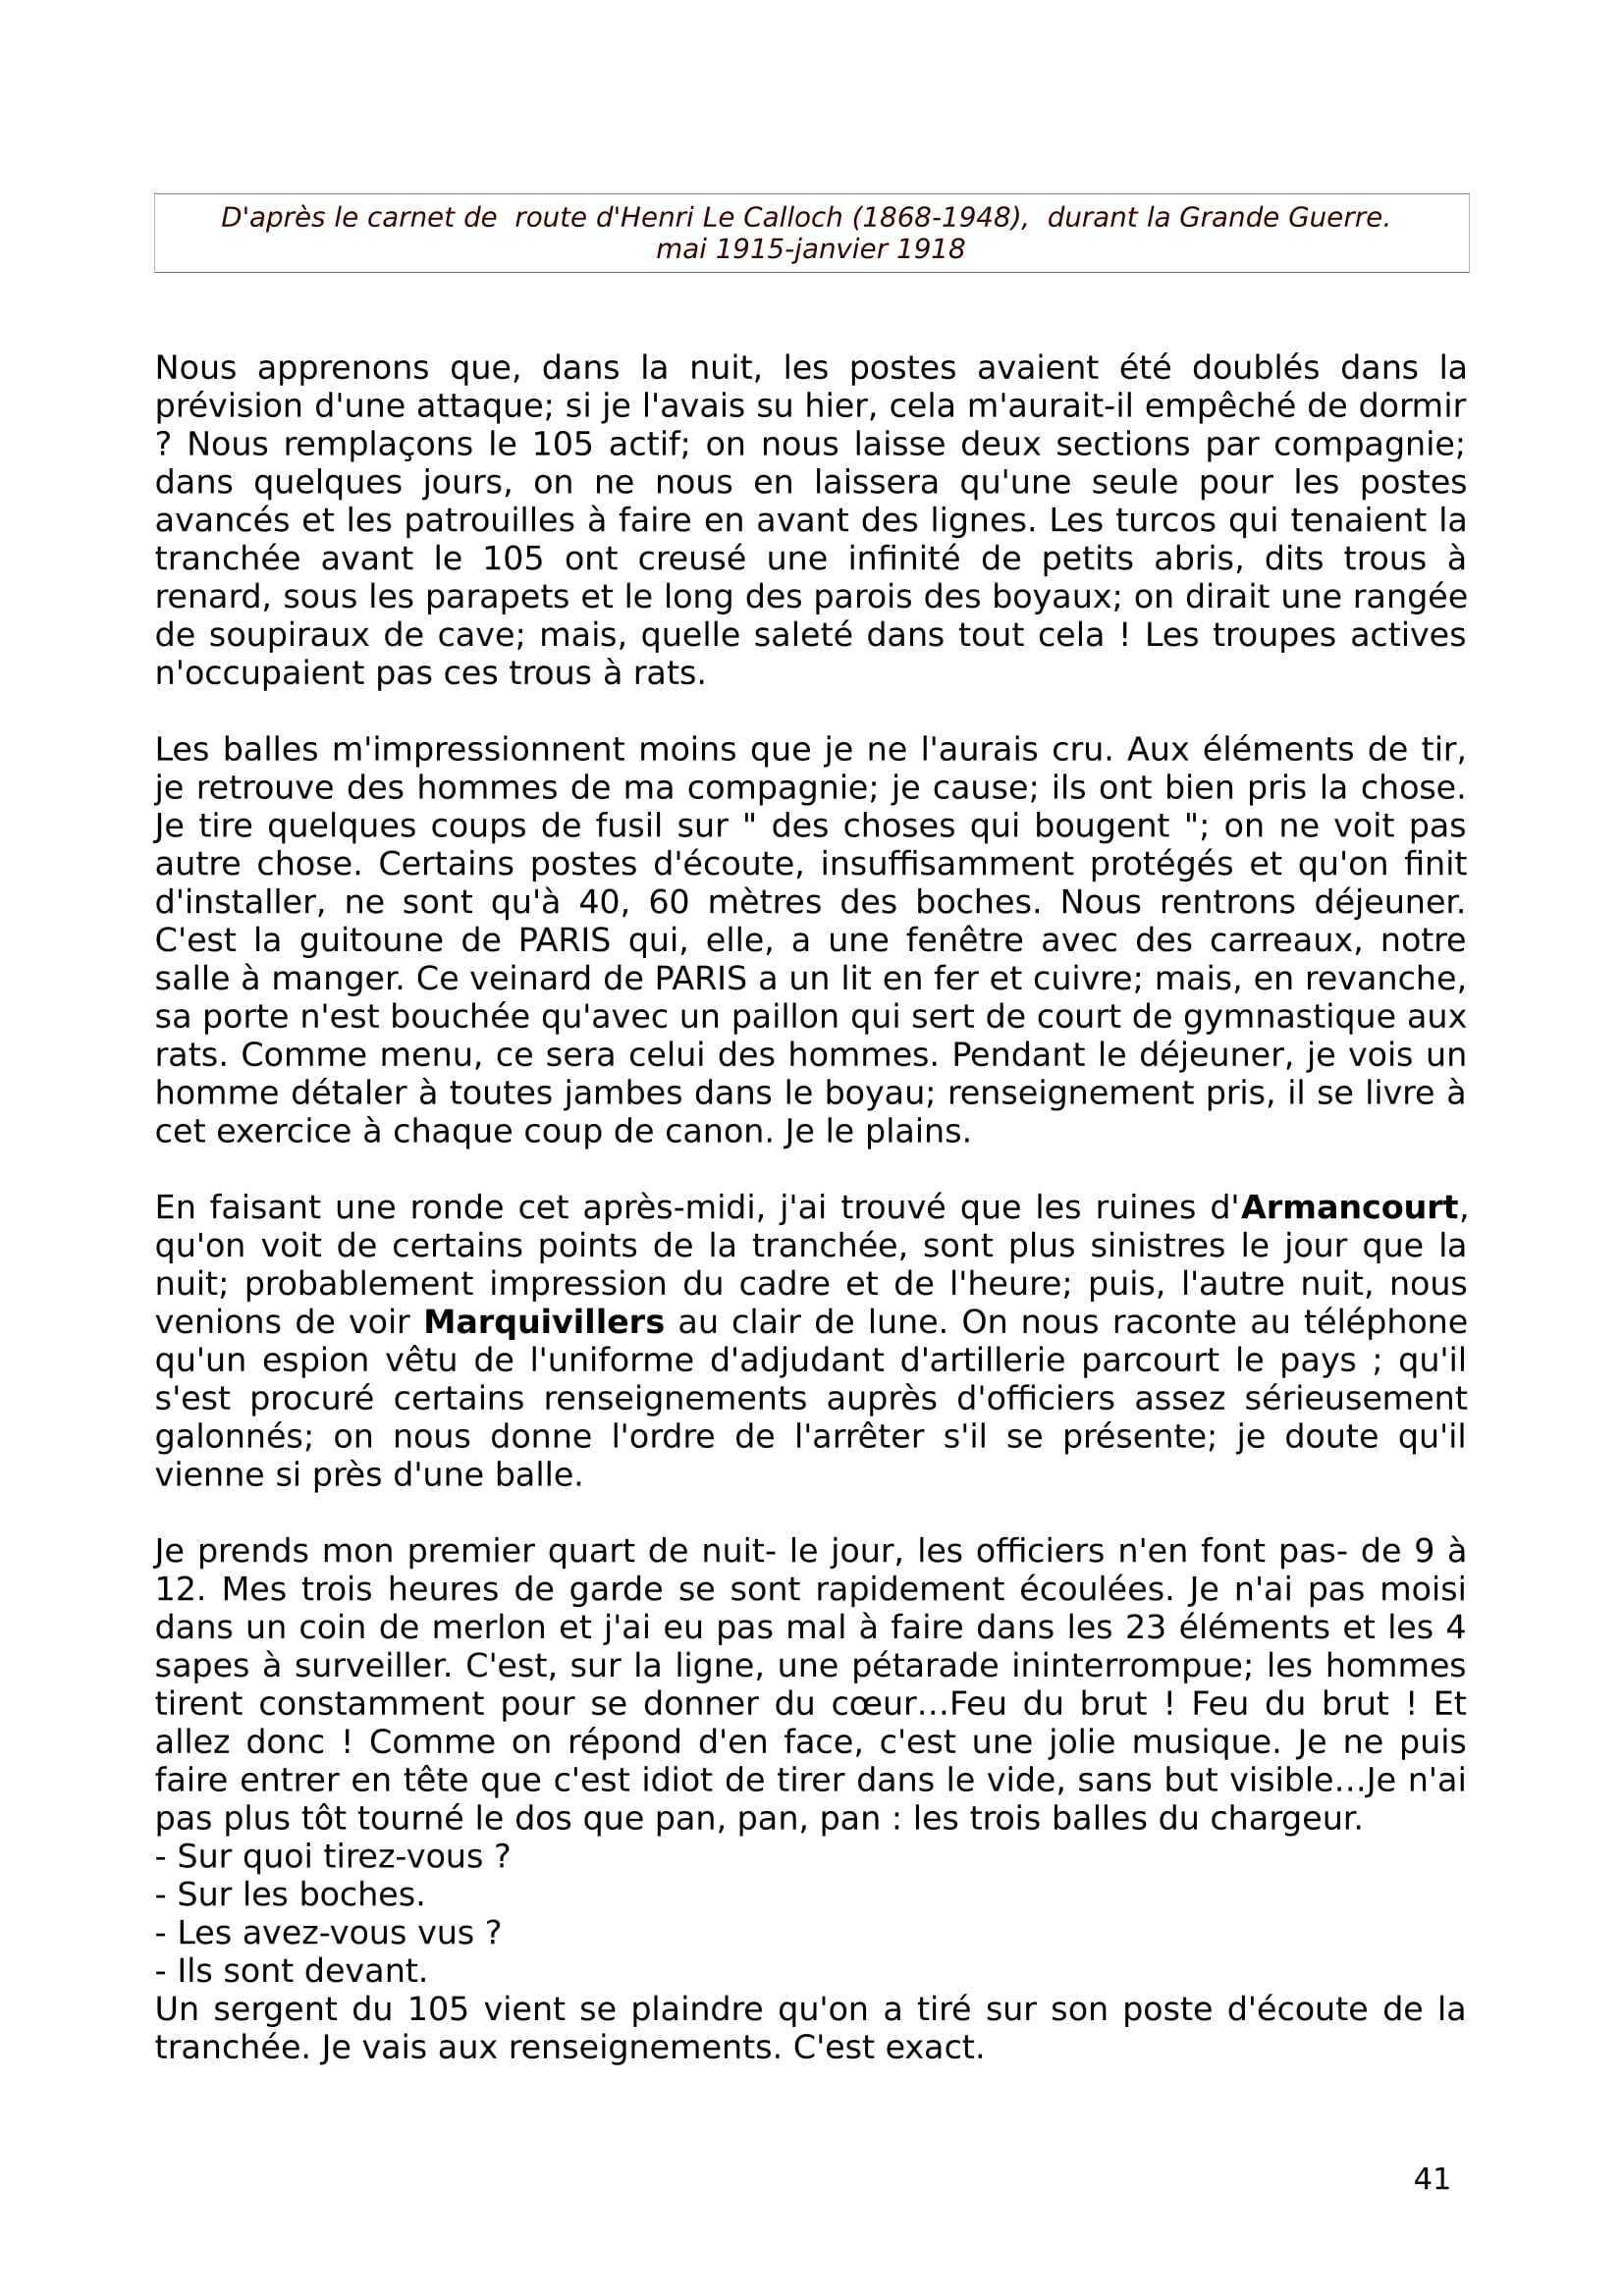 Carnet de route du Lieutenant Henri Le Calloch du 1er mai 1915 au 19 janvier 1918 (version informatisée)